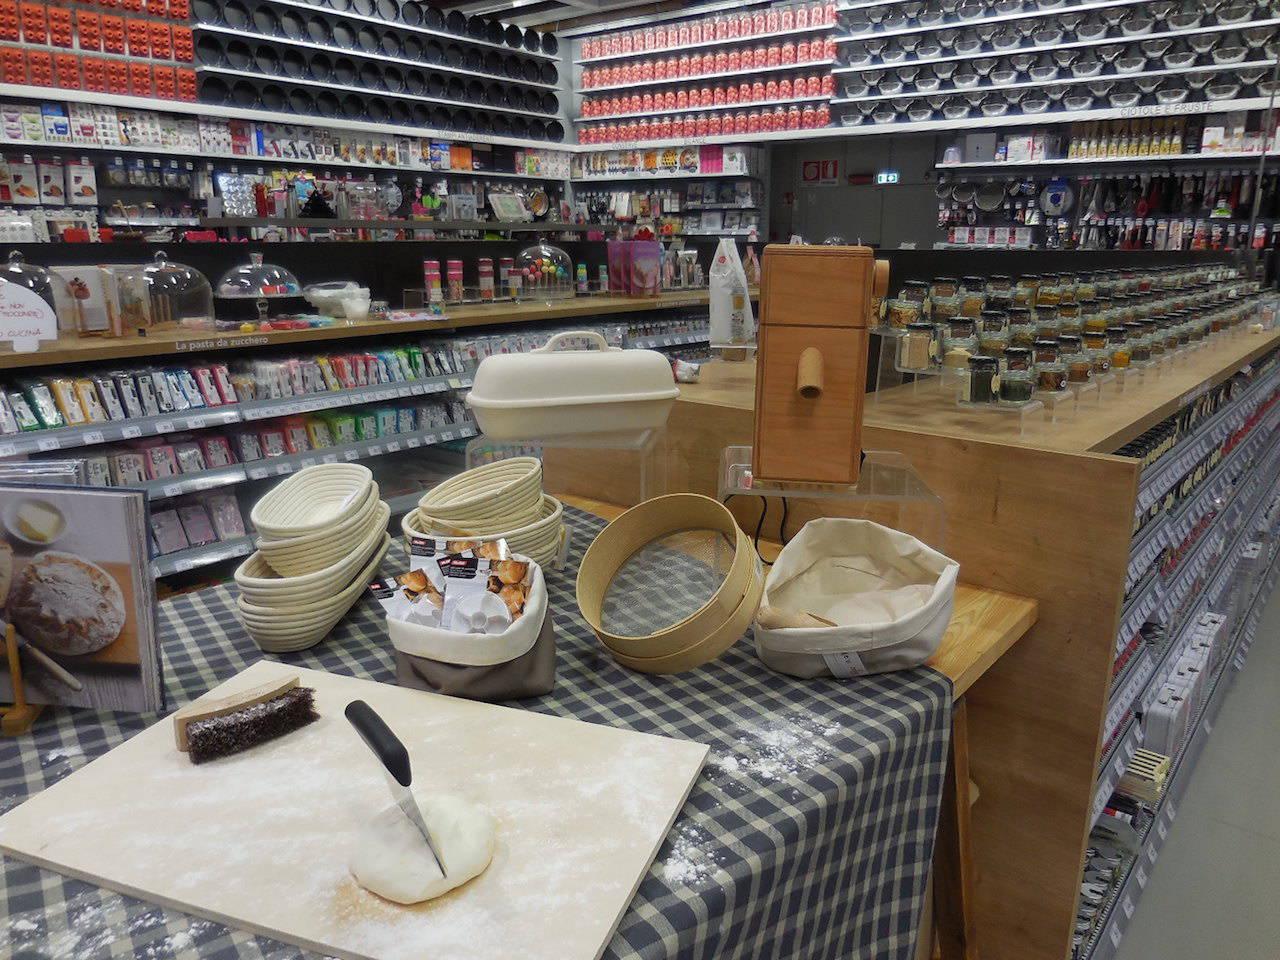 zodio arriva in italia a milano il primo store gdoweek